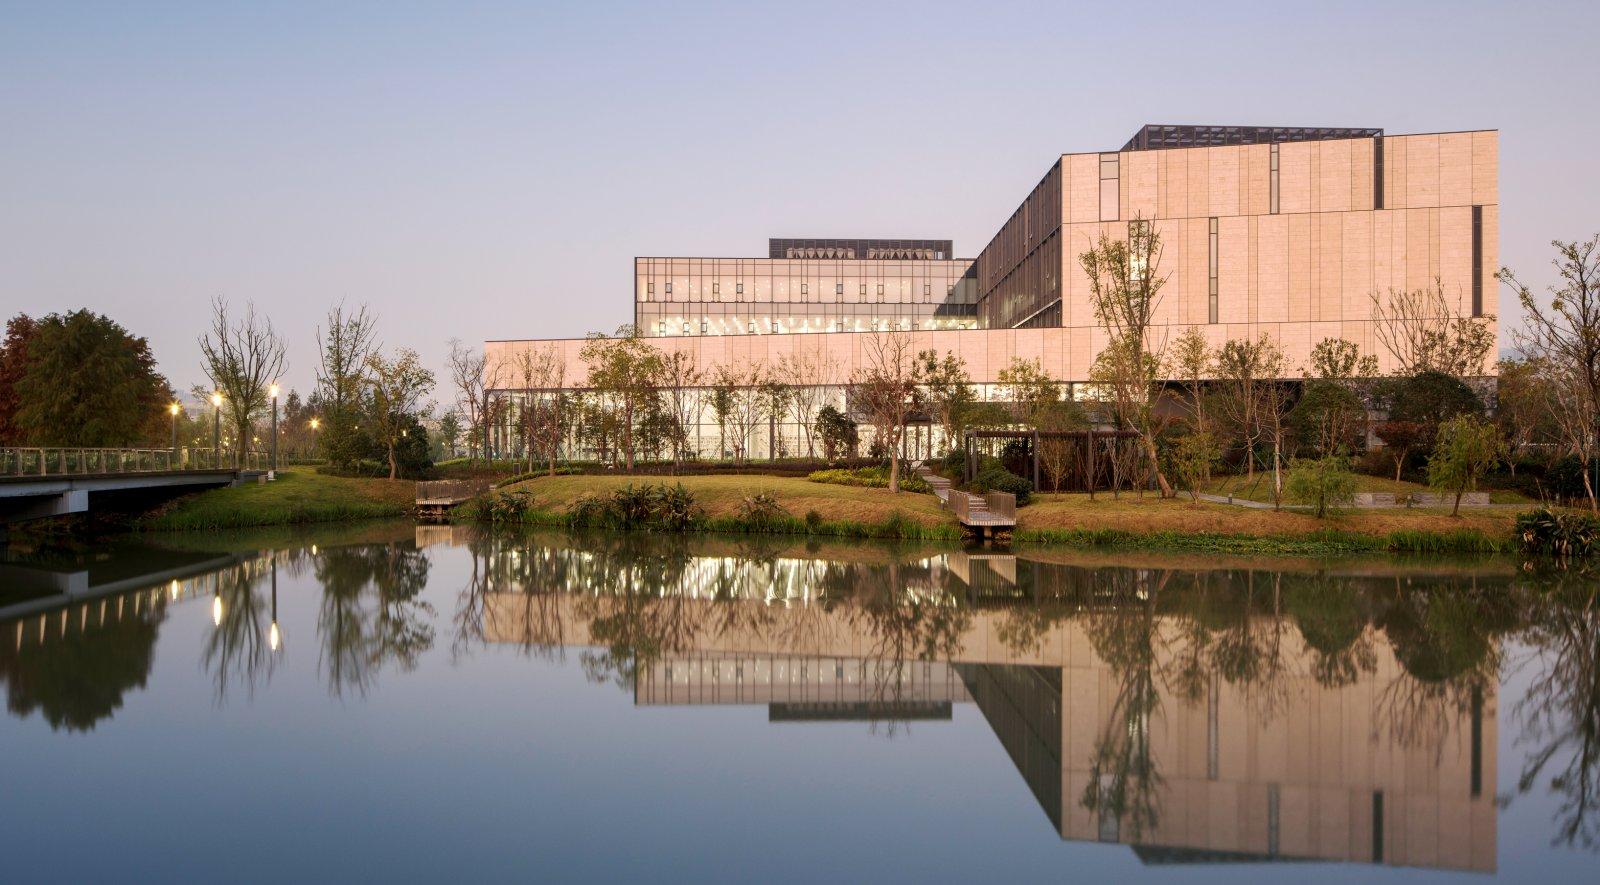 Ningbo New Library